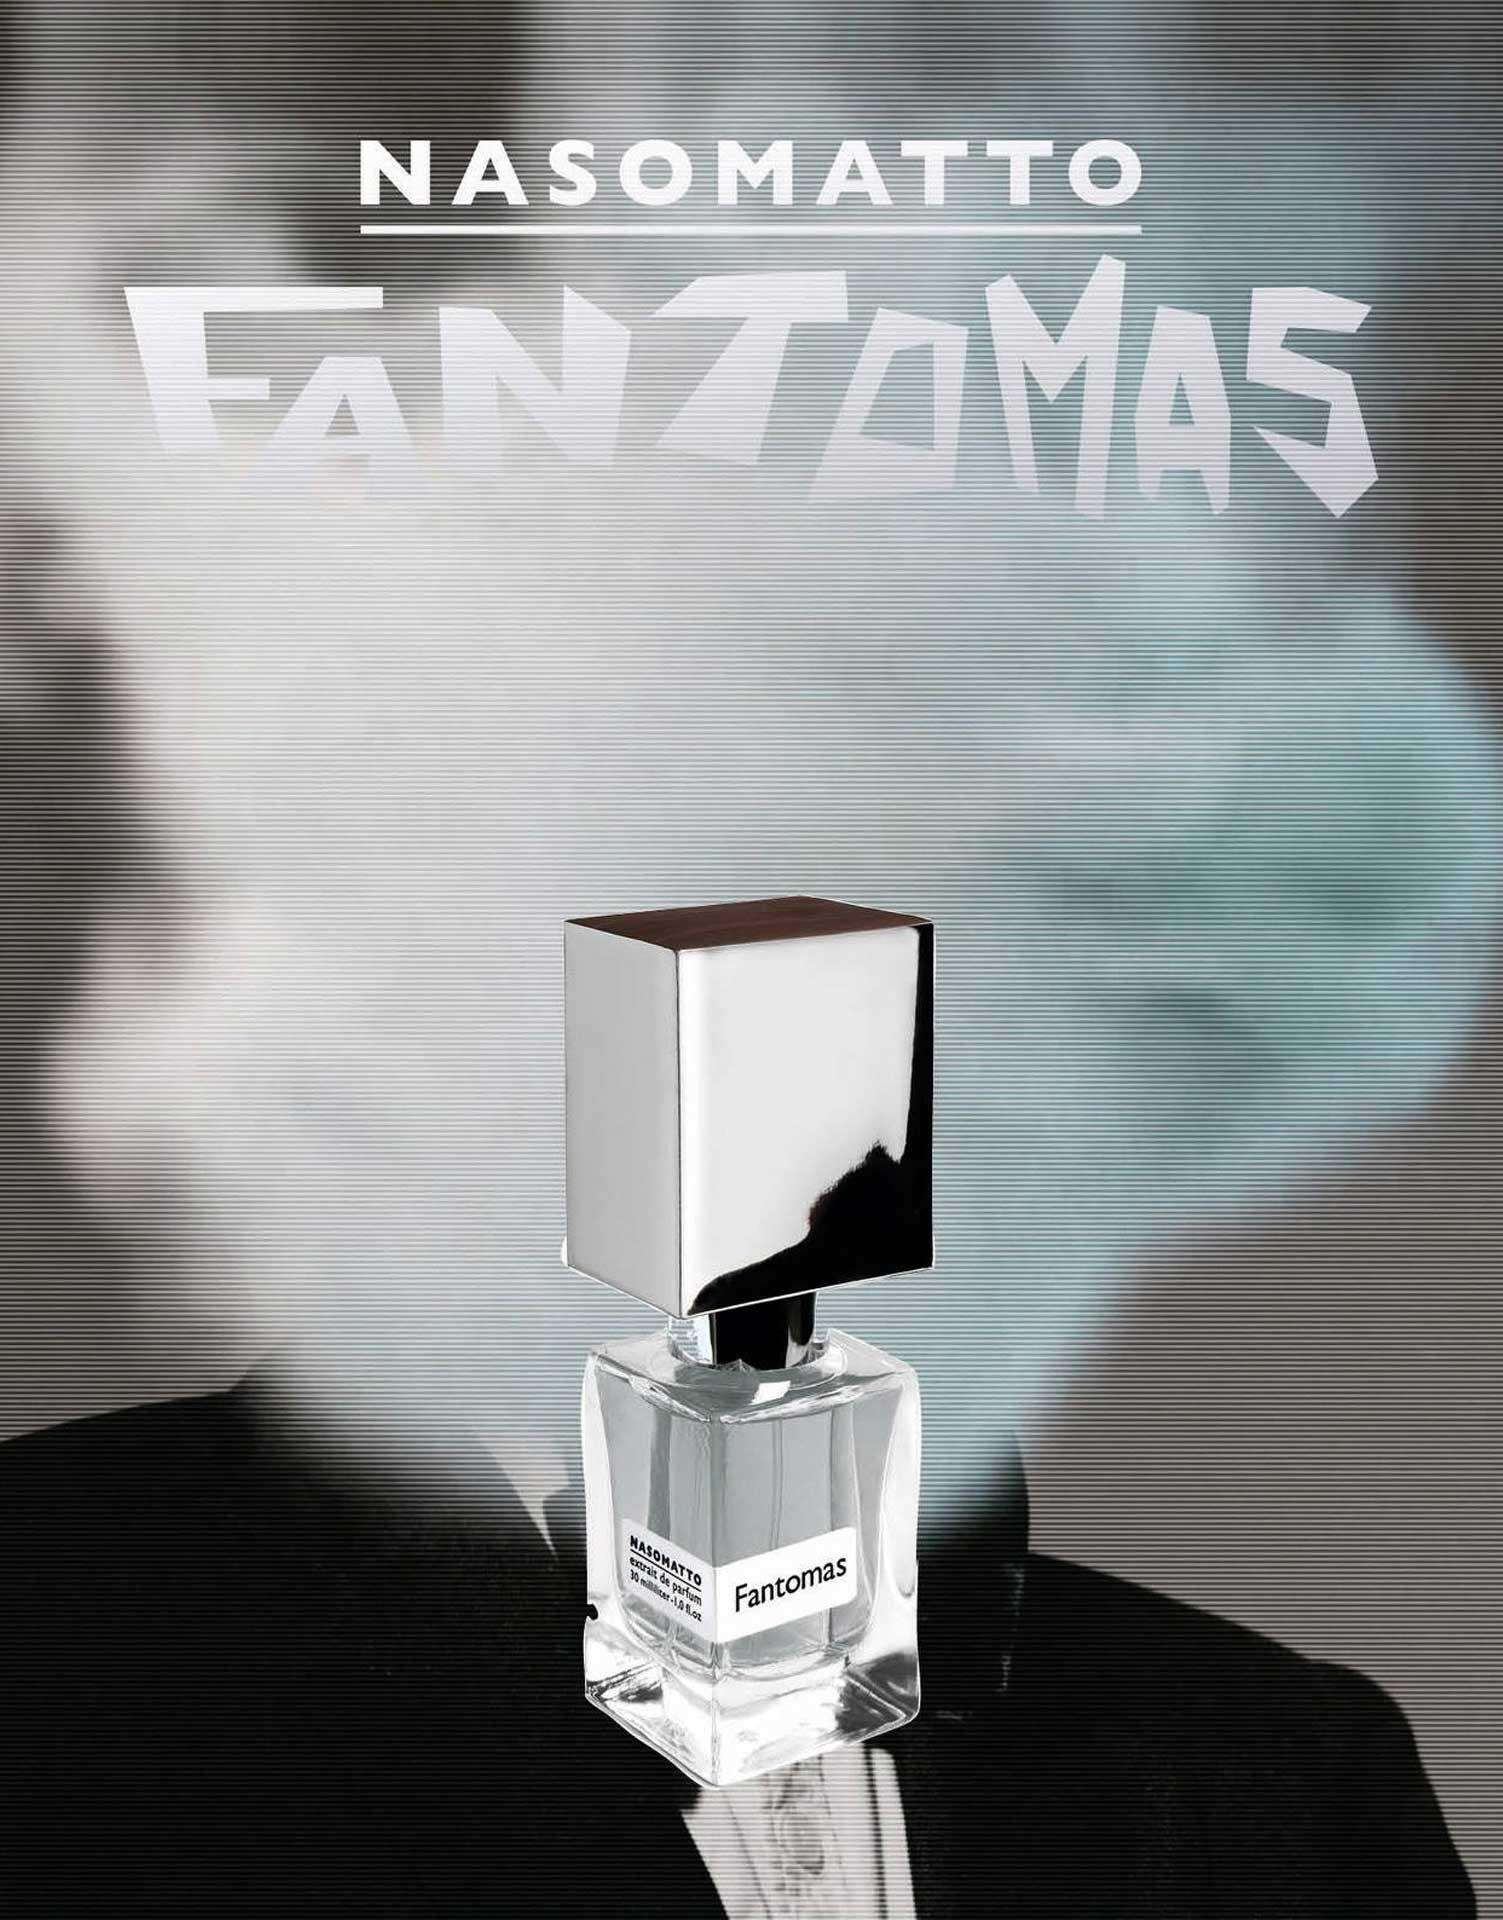 بررسی، مشاهده قیمت و خرید عطر (ادکلن) ناسوماتو فانتوماس Nasomatto Fantomas اصل